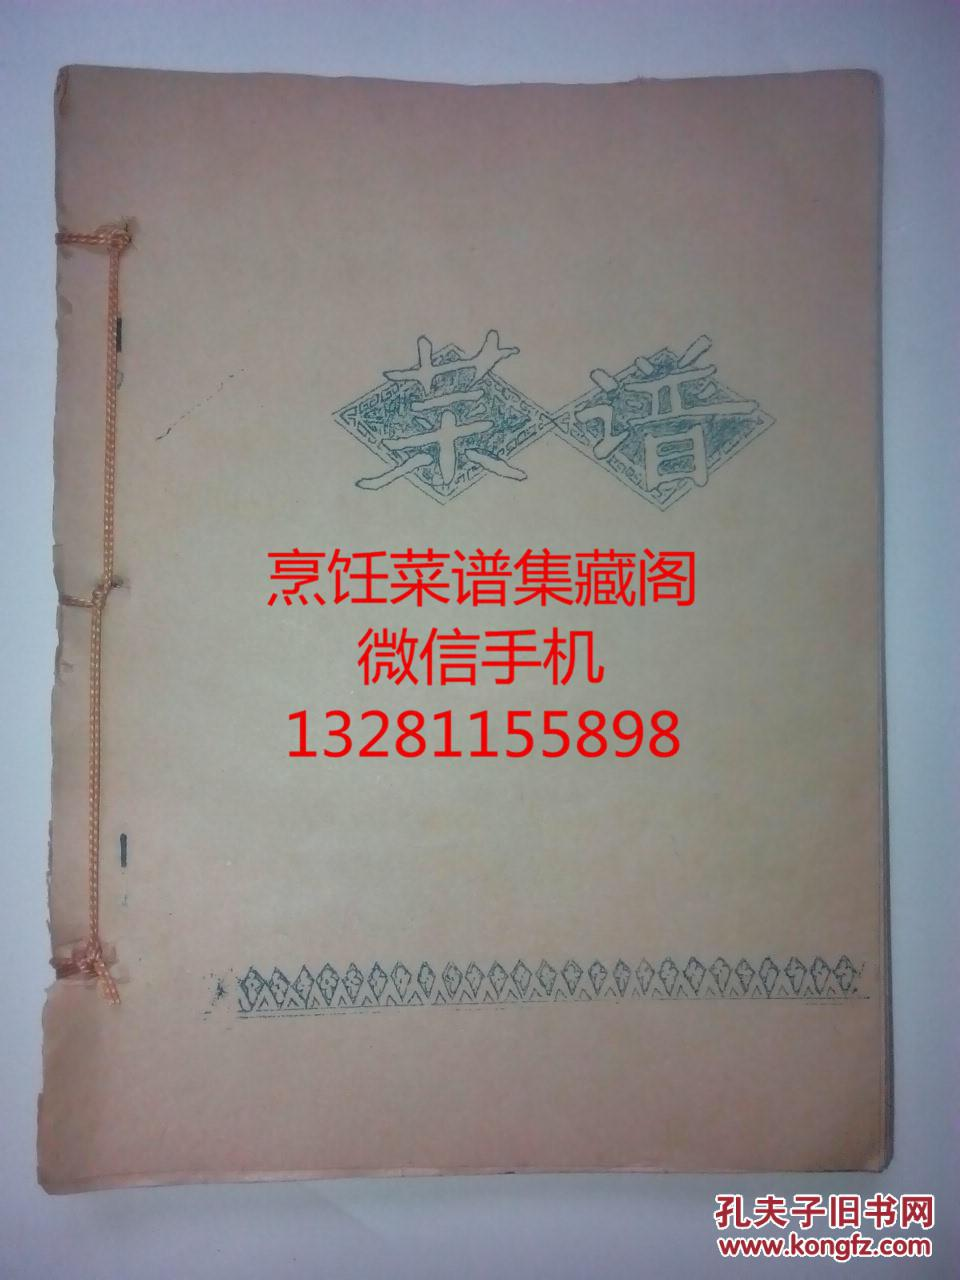 罕见油印版作用老粤菜汇集京菜,功效,苹果,川苏菜核桃排骨汤的文革与菜谱图片